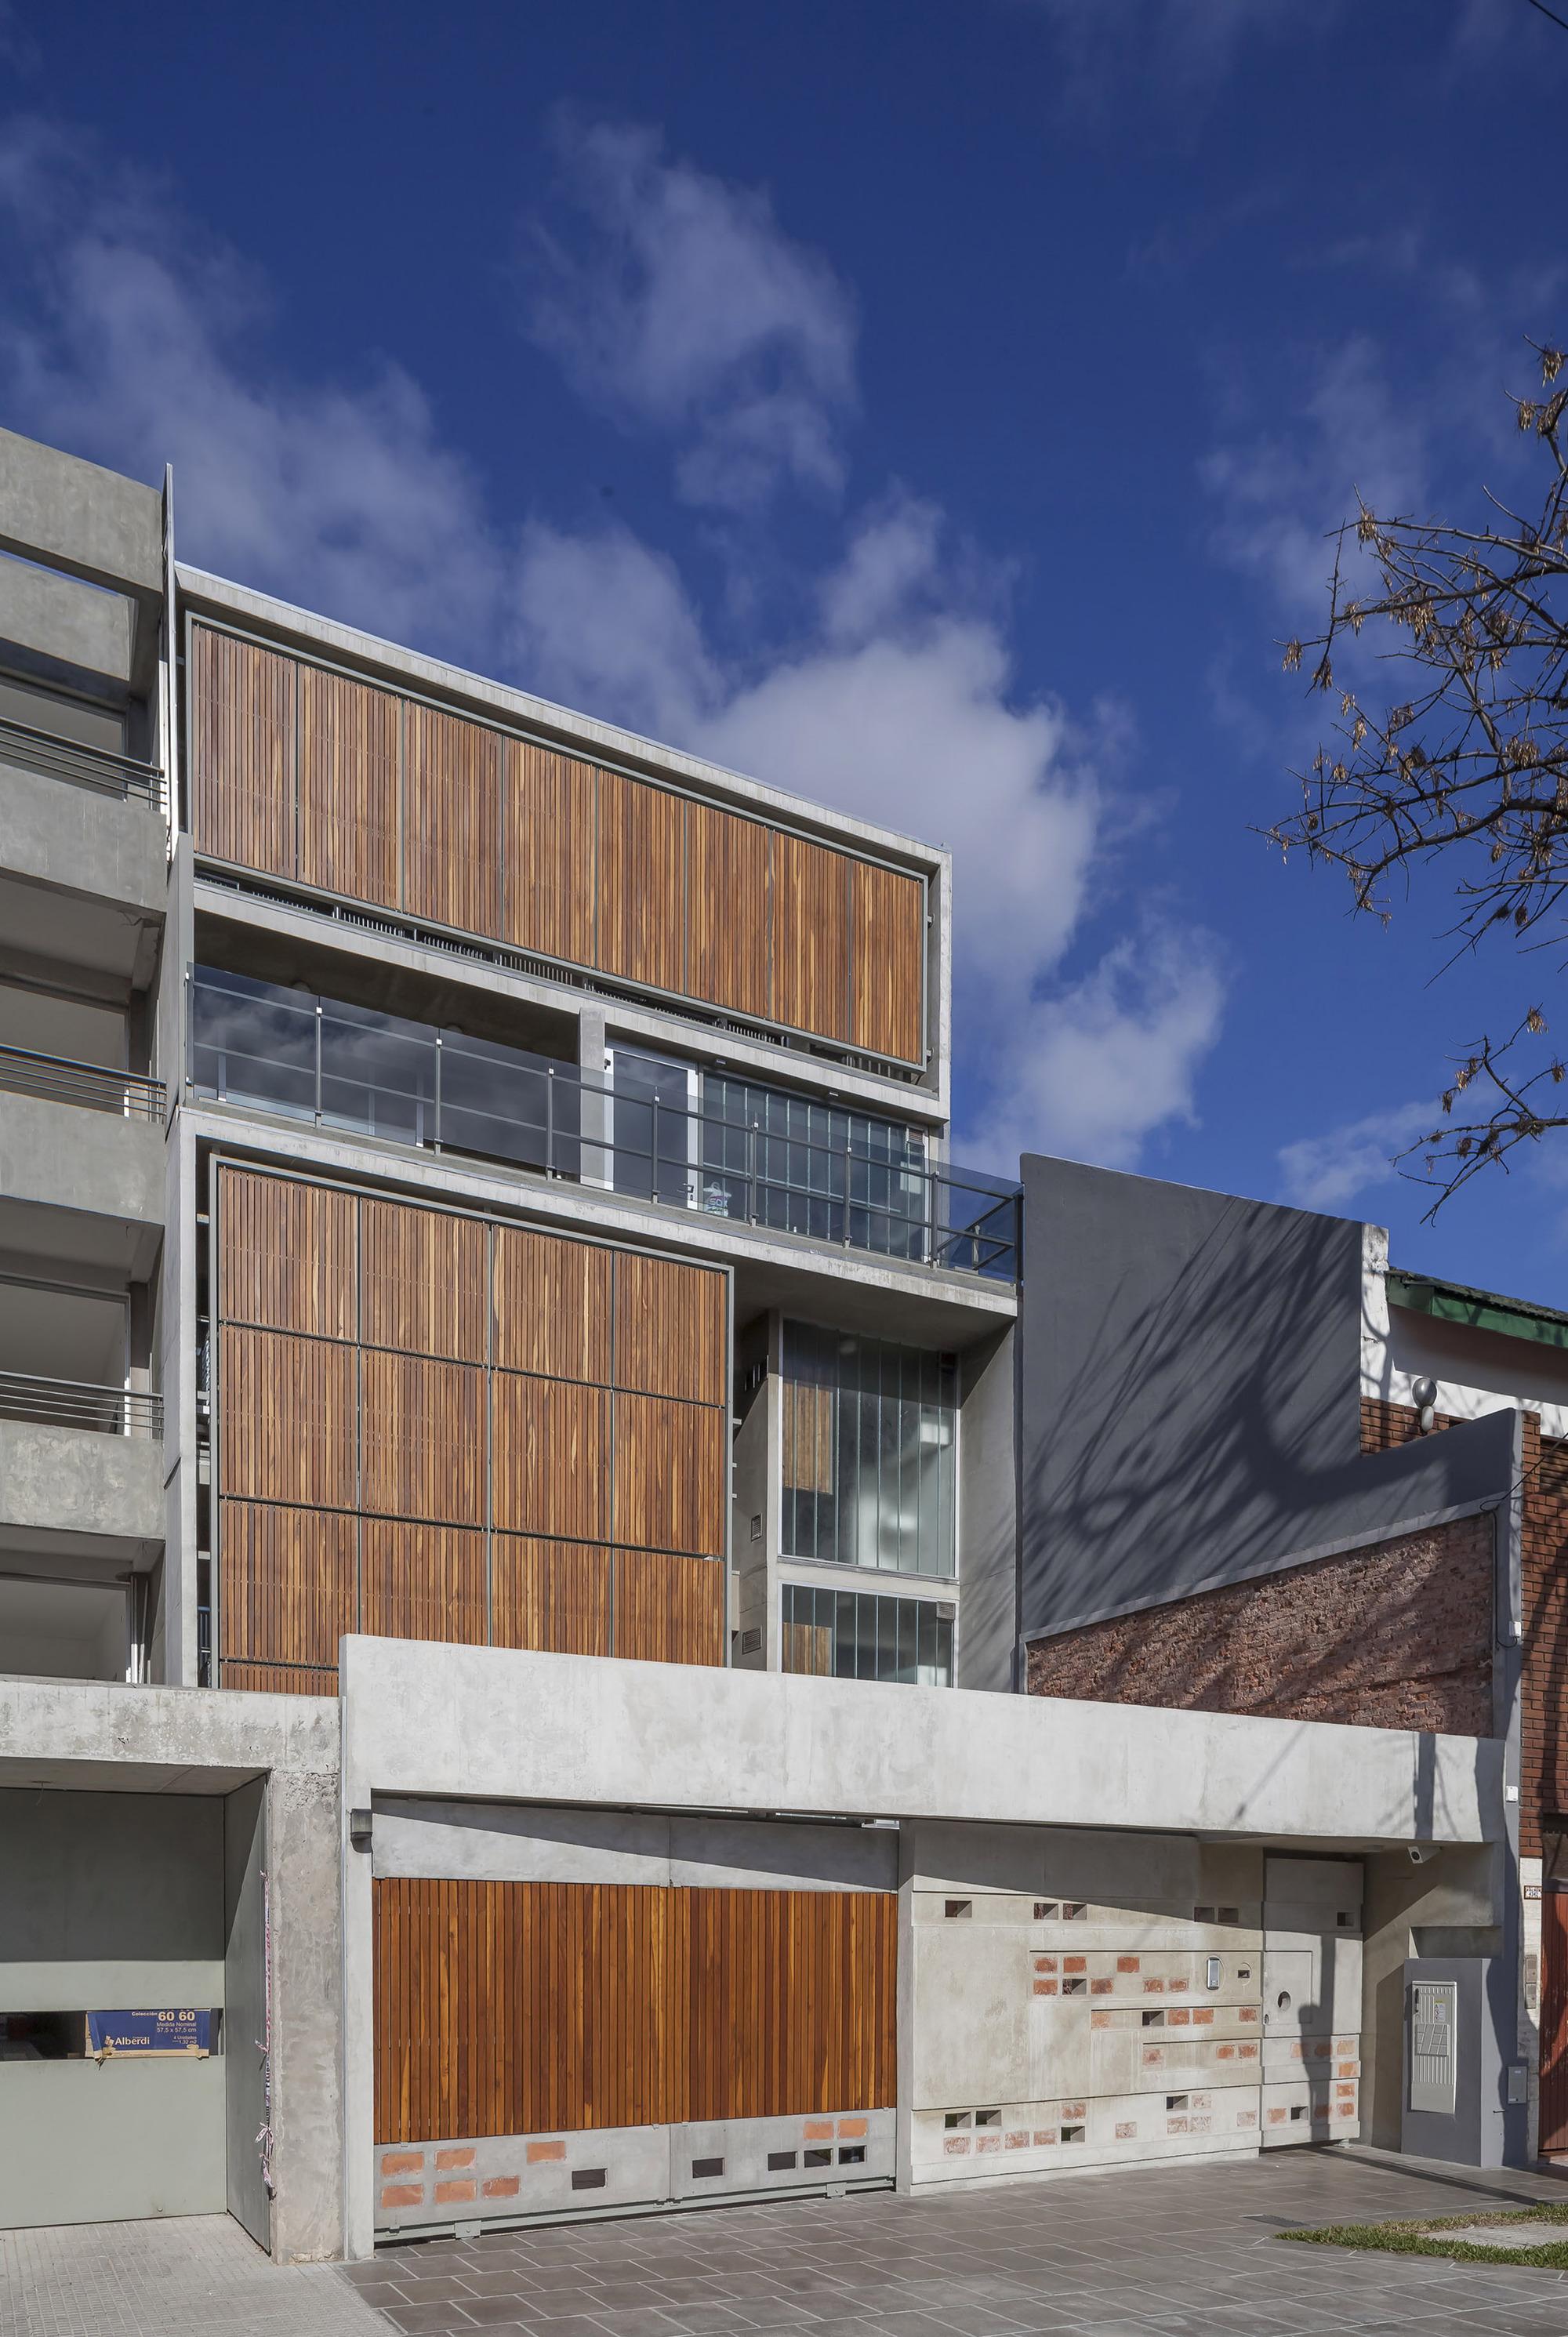 Condominio mosconi 3 frazzi arquitectos plataforma for Plataforma arquitectura